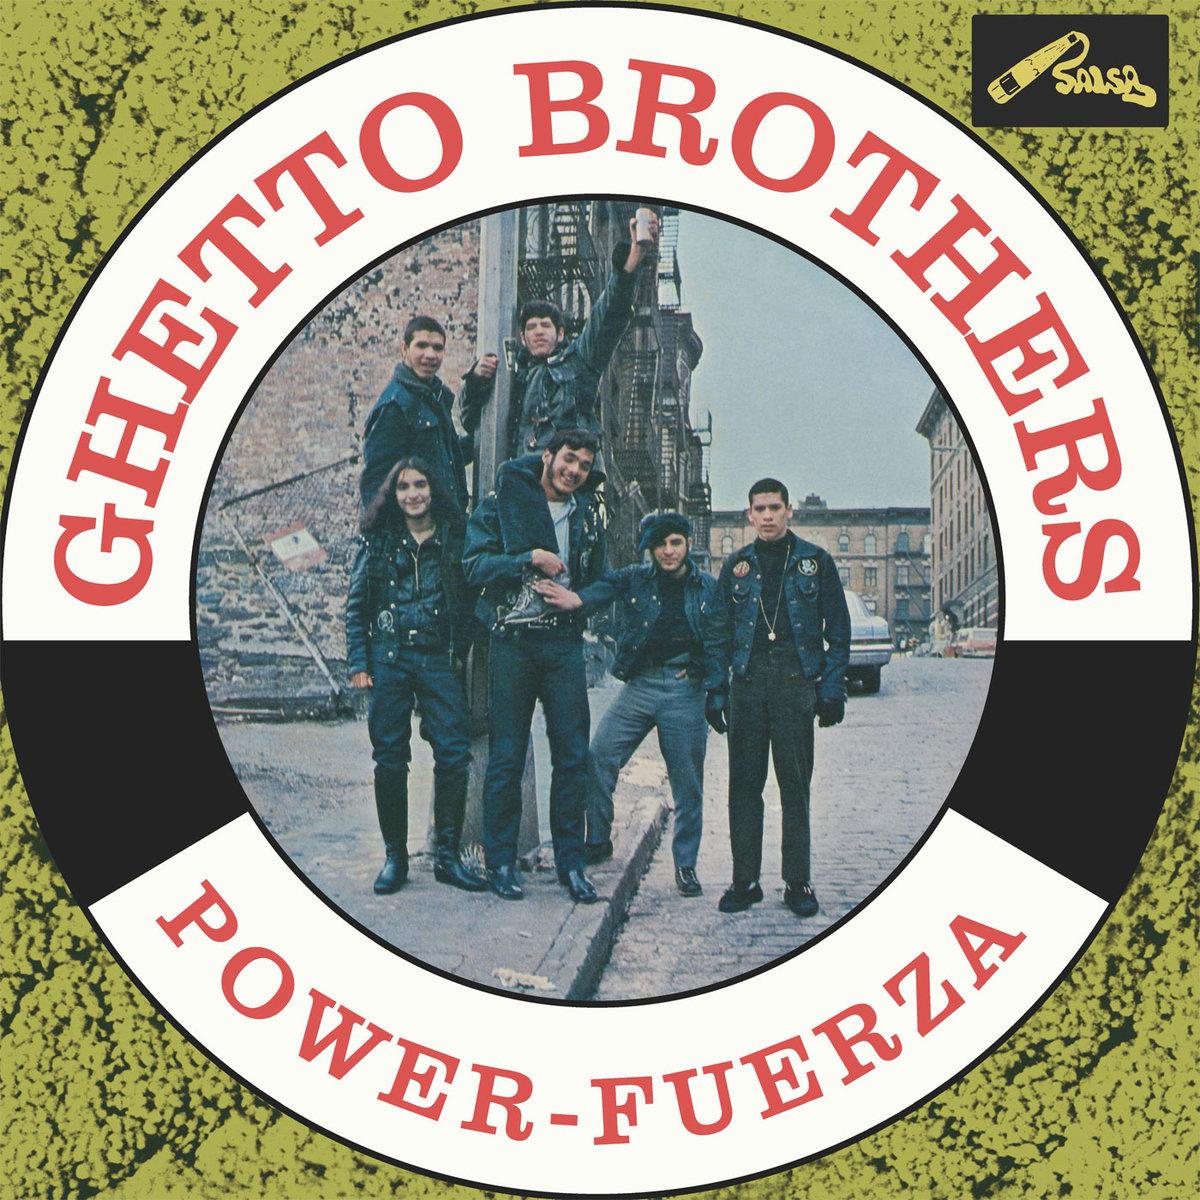 ghetto bros 2.jpg